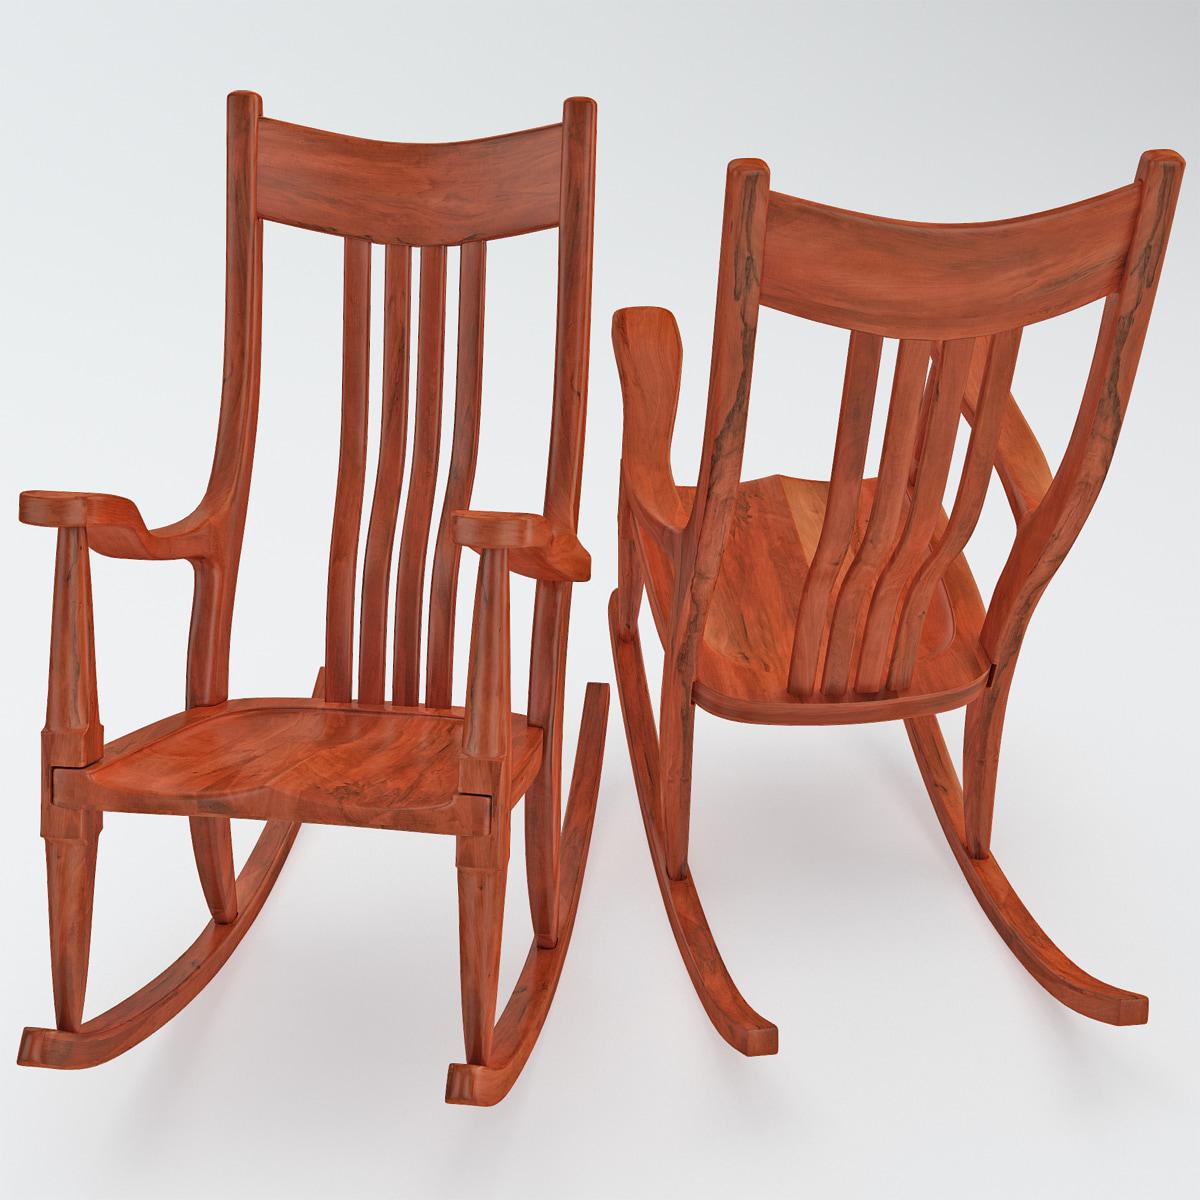 198102_Wooden_Rocking_Chair_001.jpg